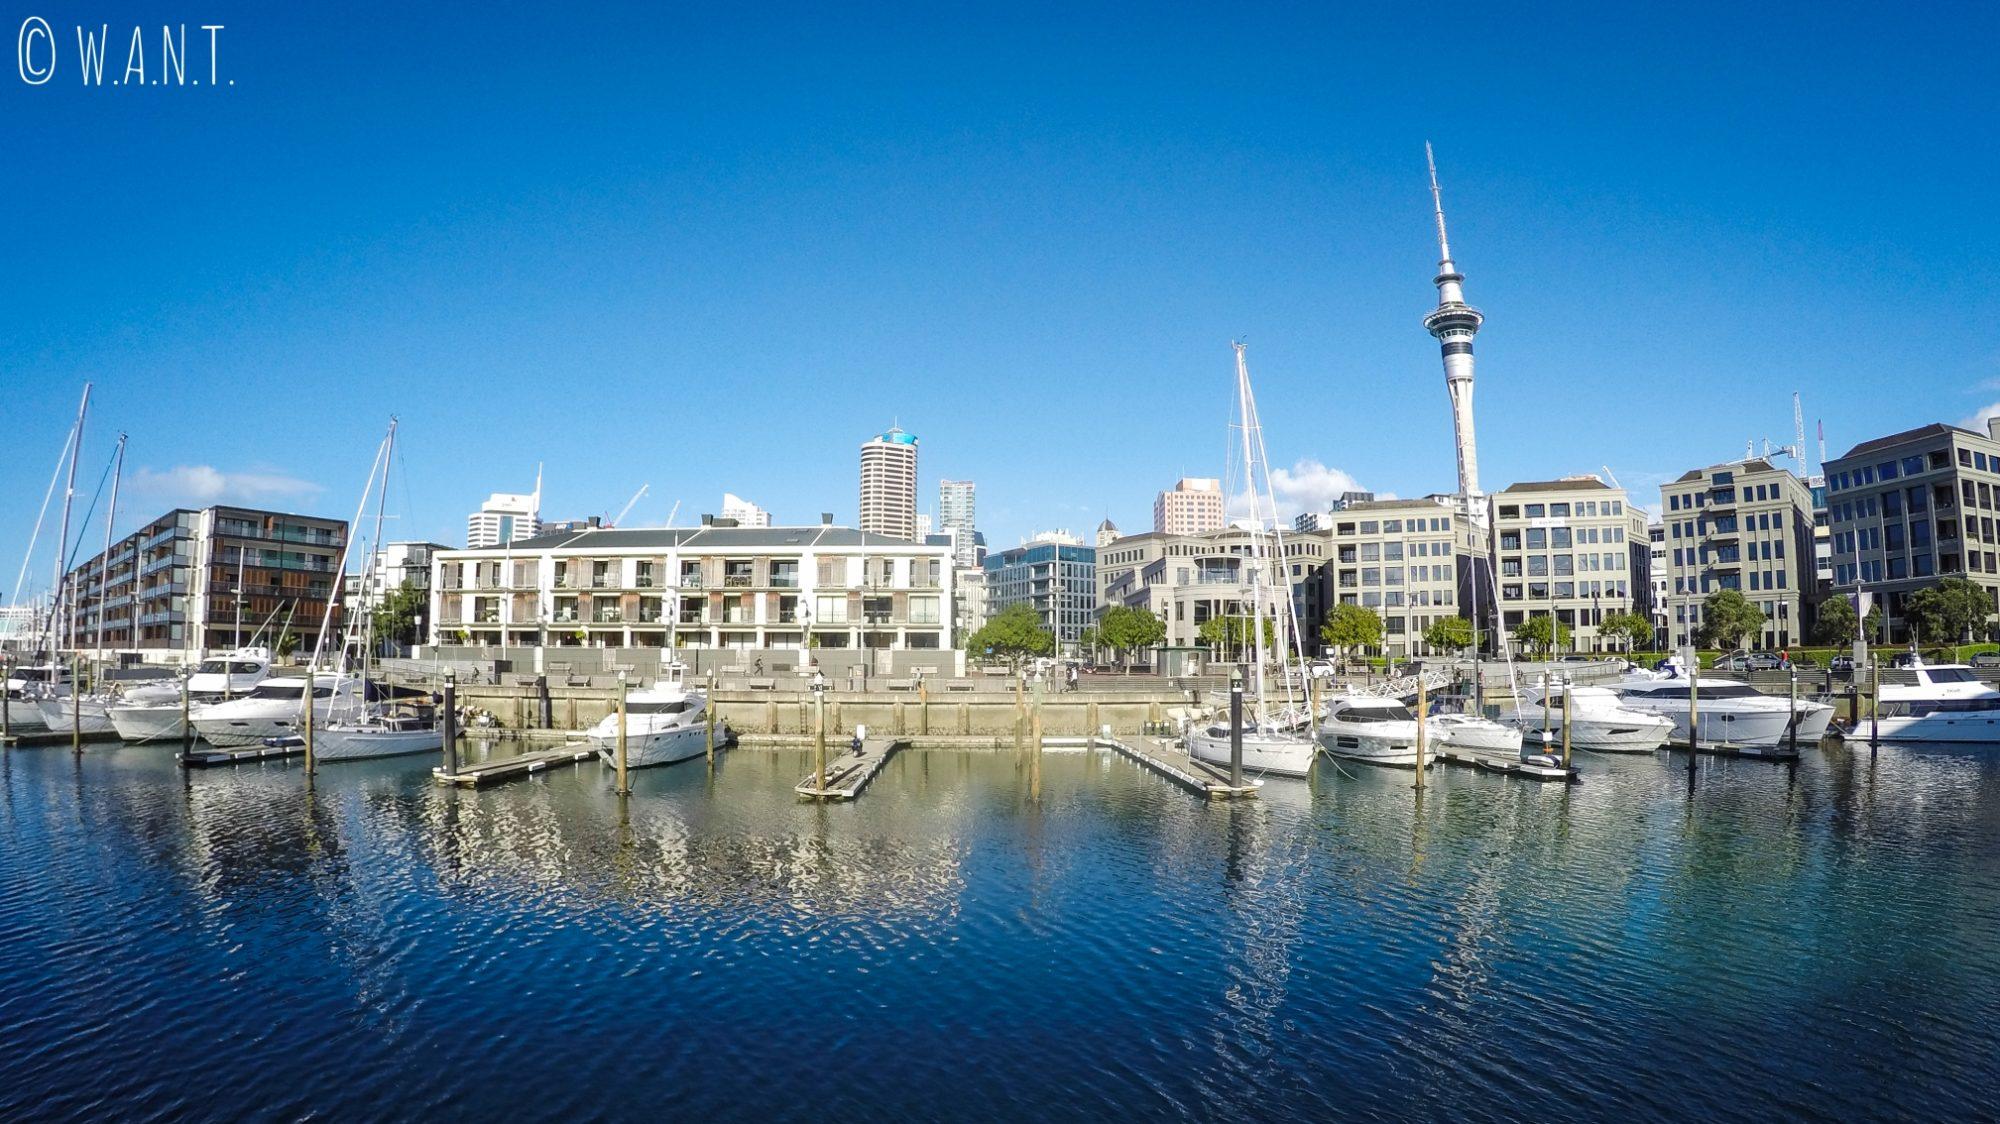 Vue panoramique sur les quais d'Auckland